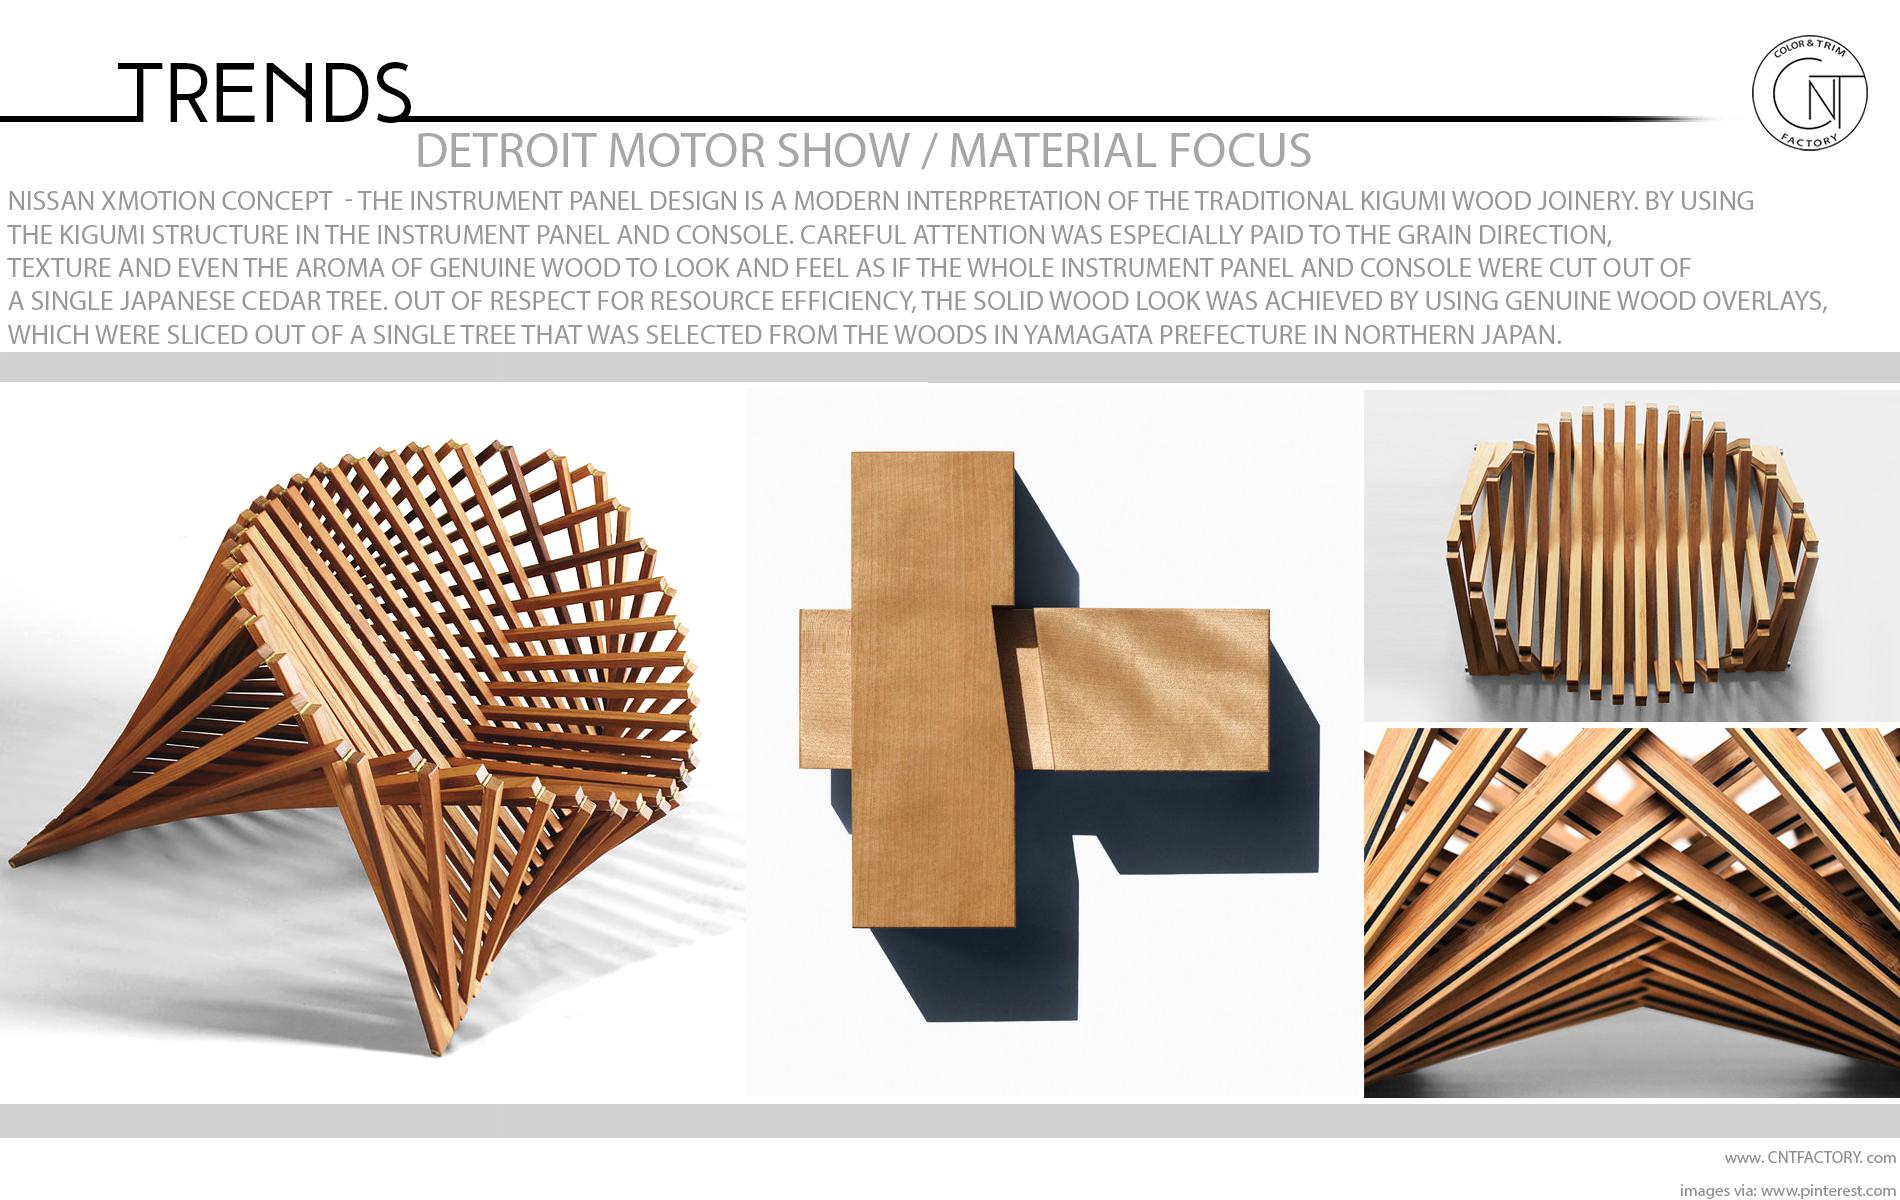 Detroit Motor Show Material Focus Nissan Xmotion Concept